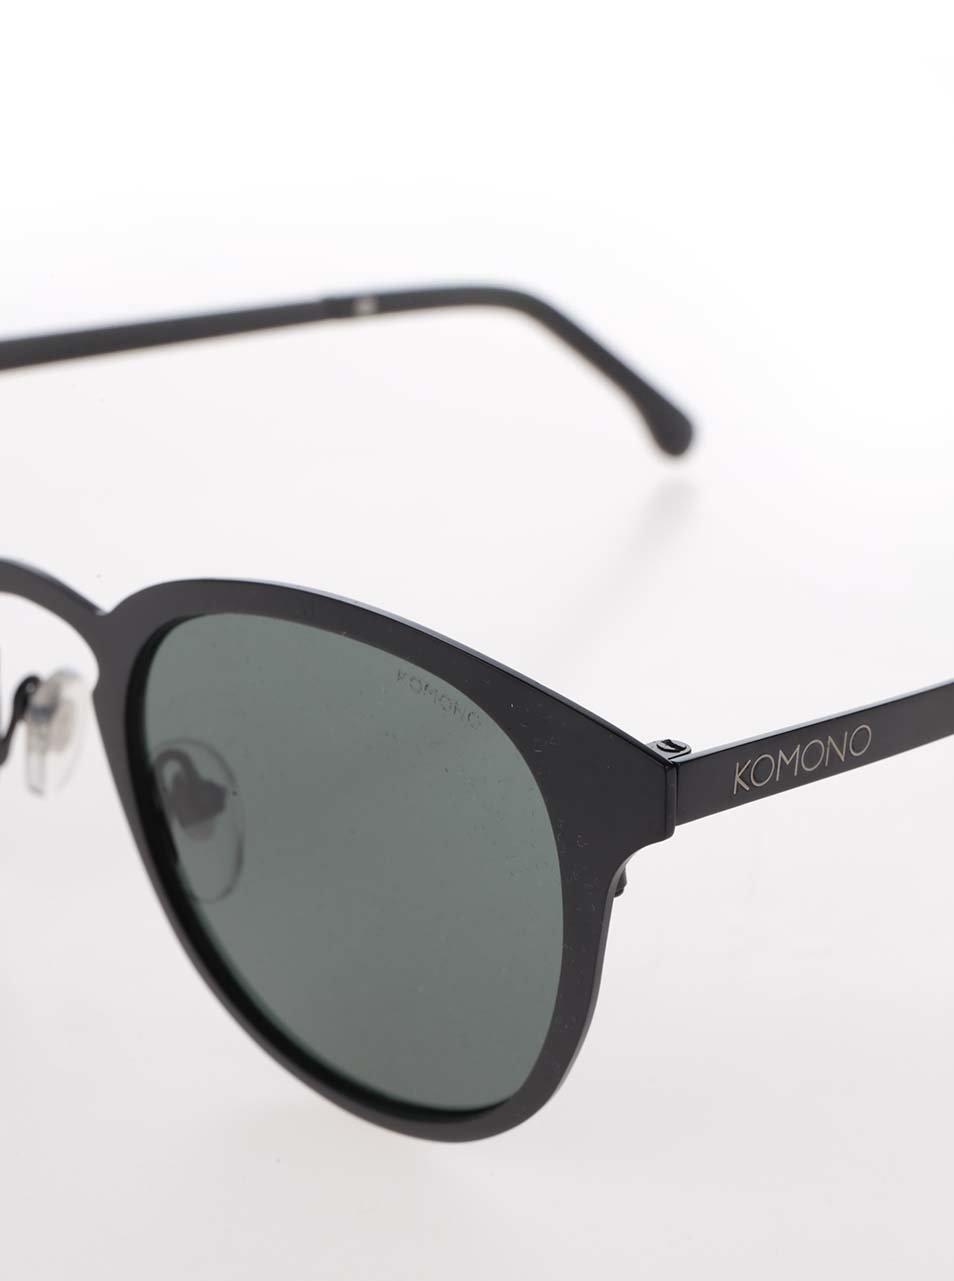 Čierne unisex slnečné okuliare s kovovým rámom Komono Hollis ... f7928aff709